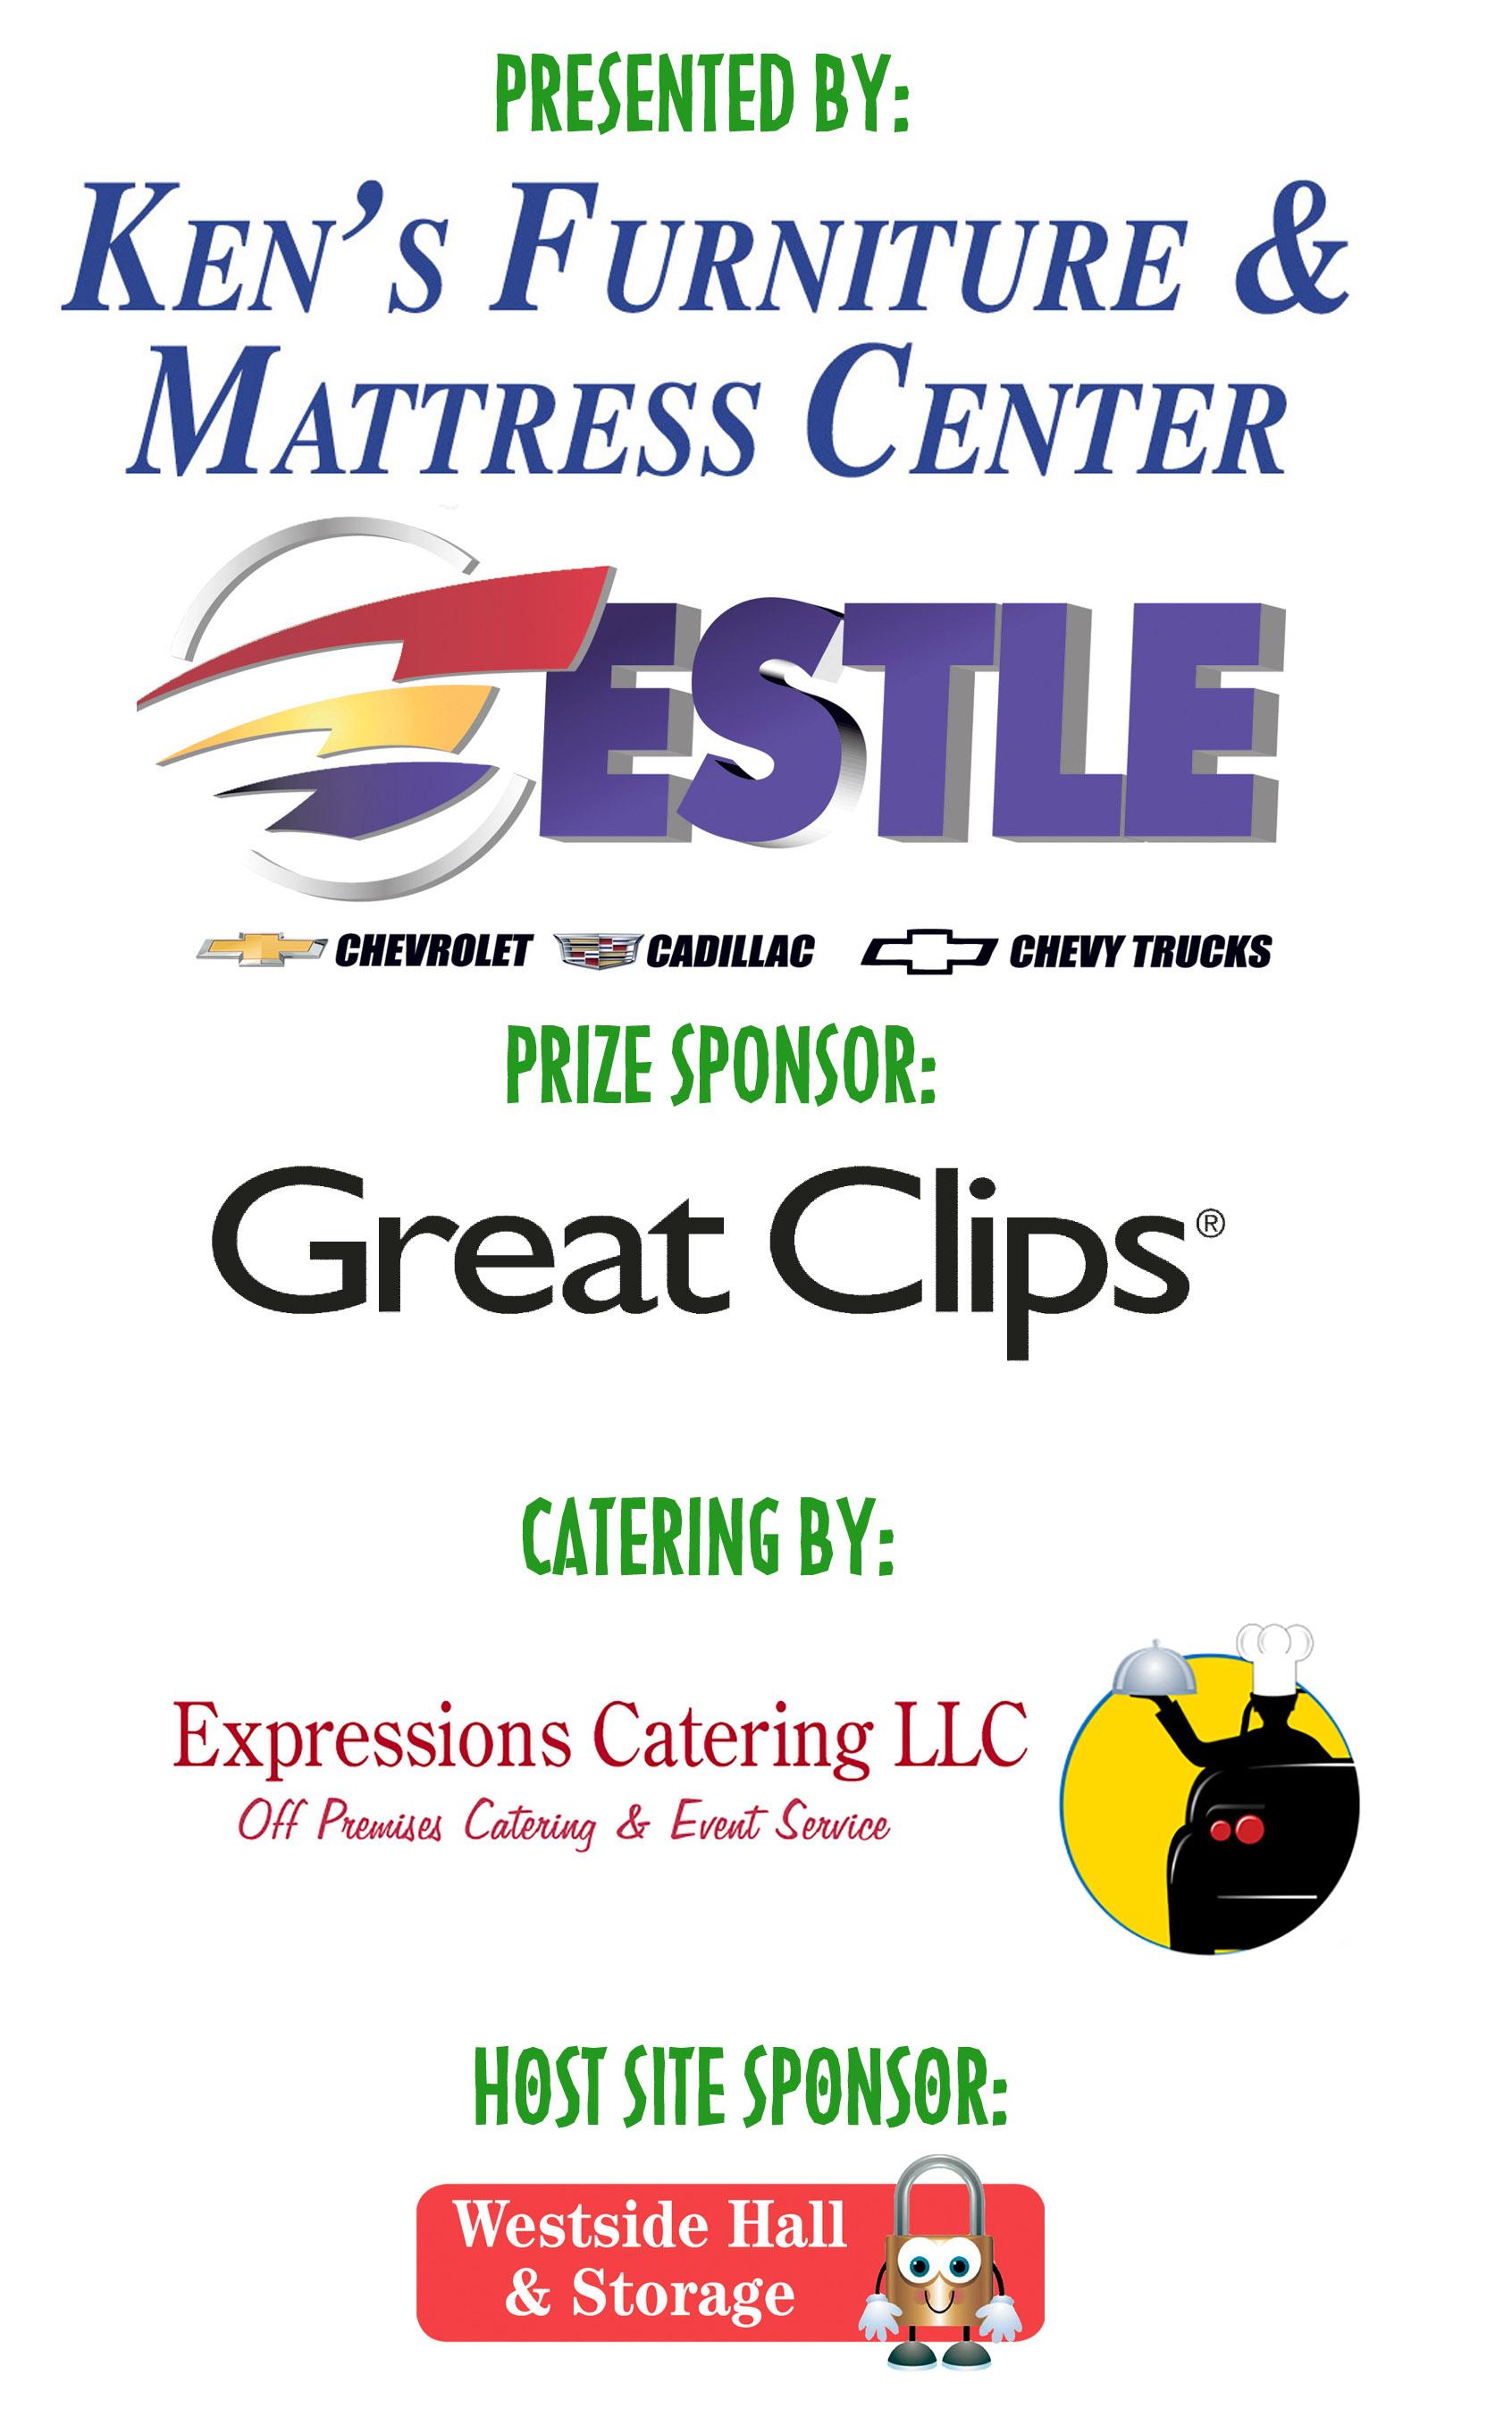 Major sponsors